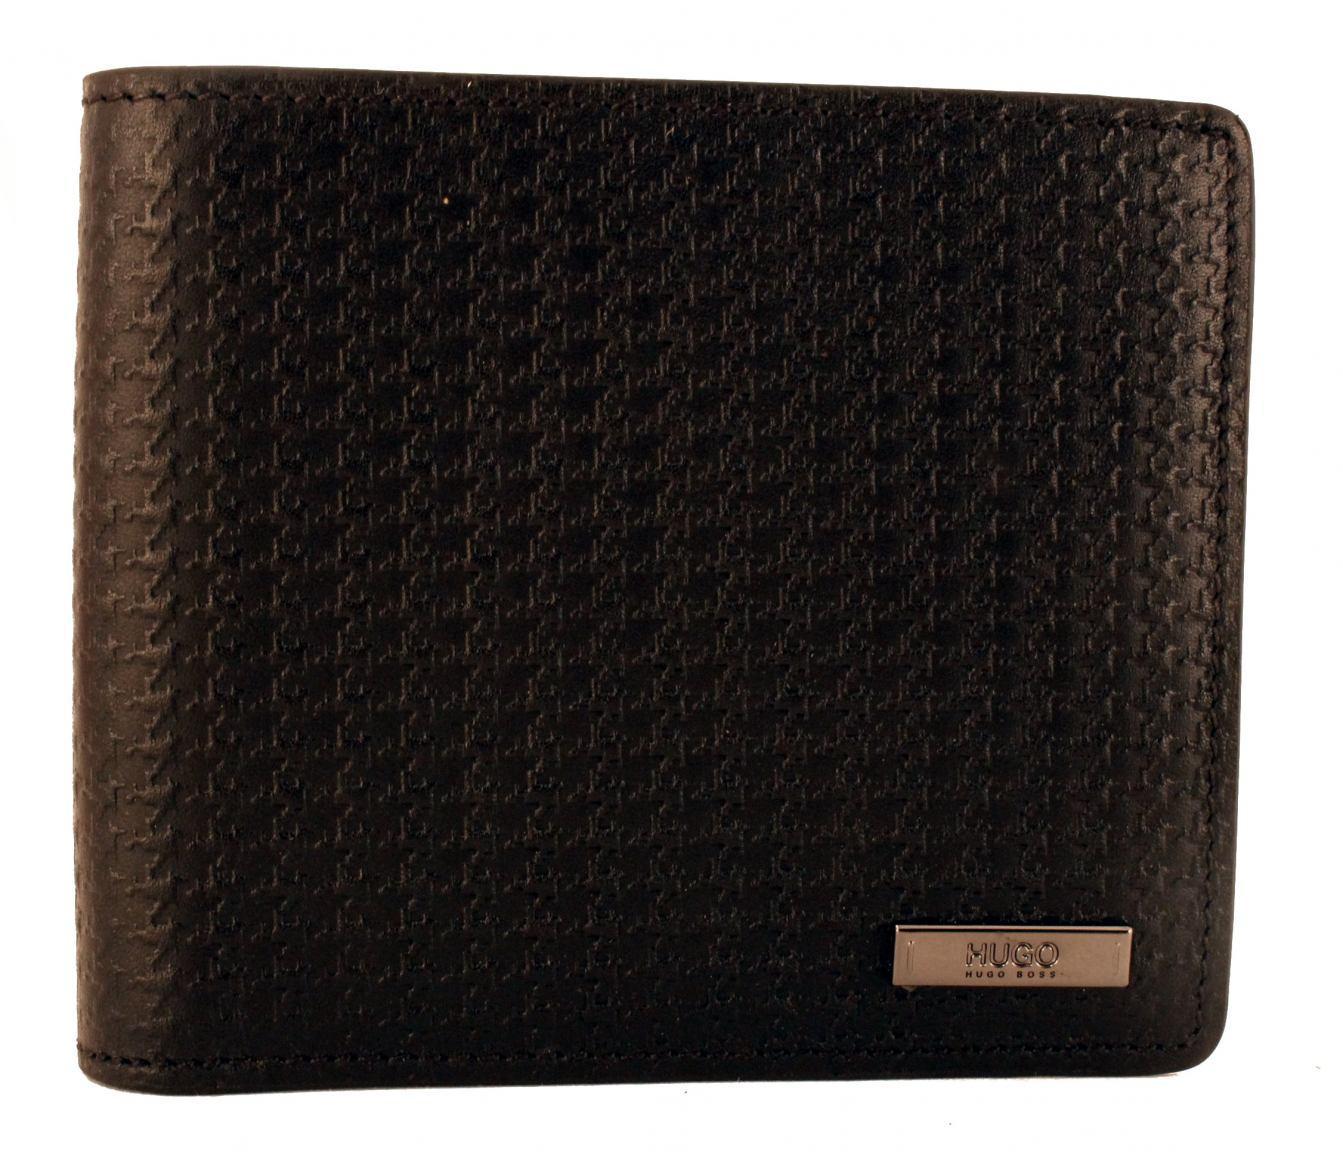 514780bdca260 Hugo Boss Brieftasche Leder ohne Hartgeldfach Schwarz - Bags   more